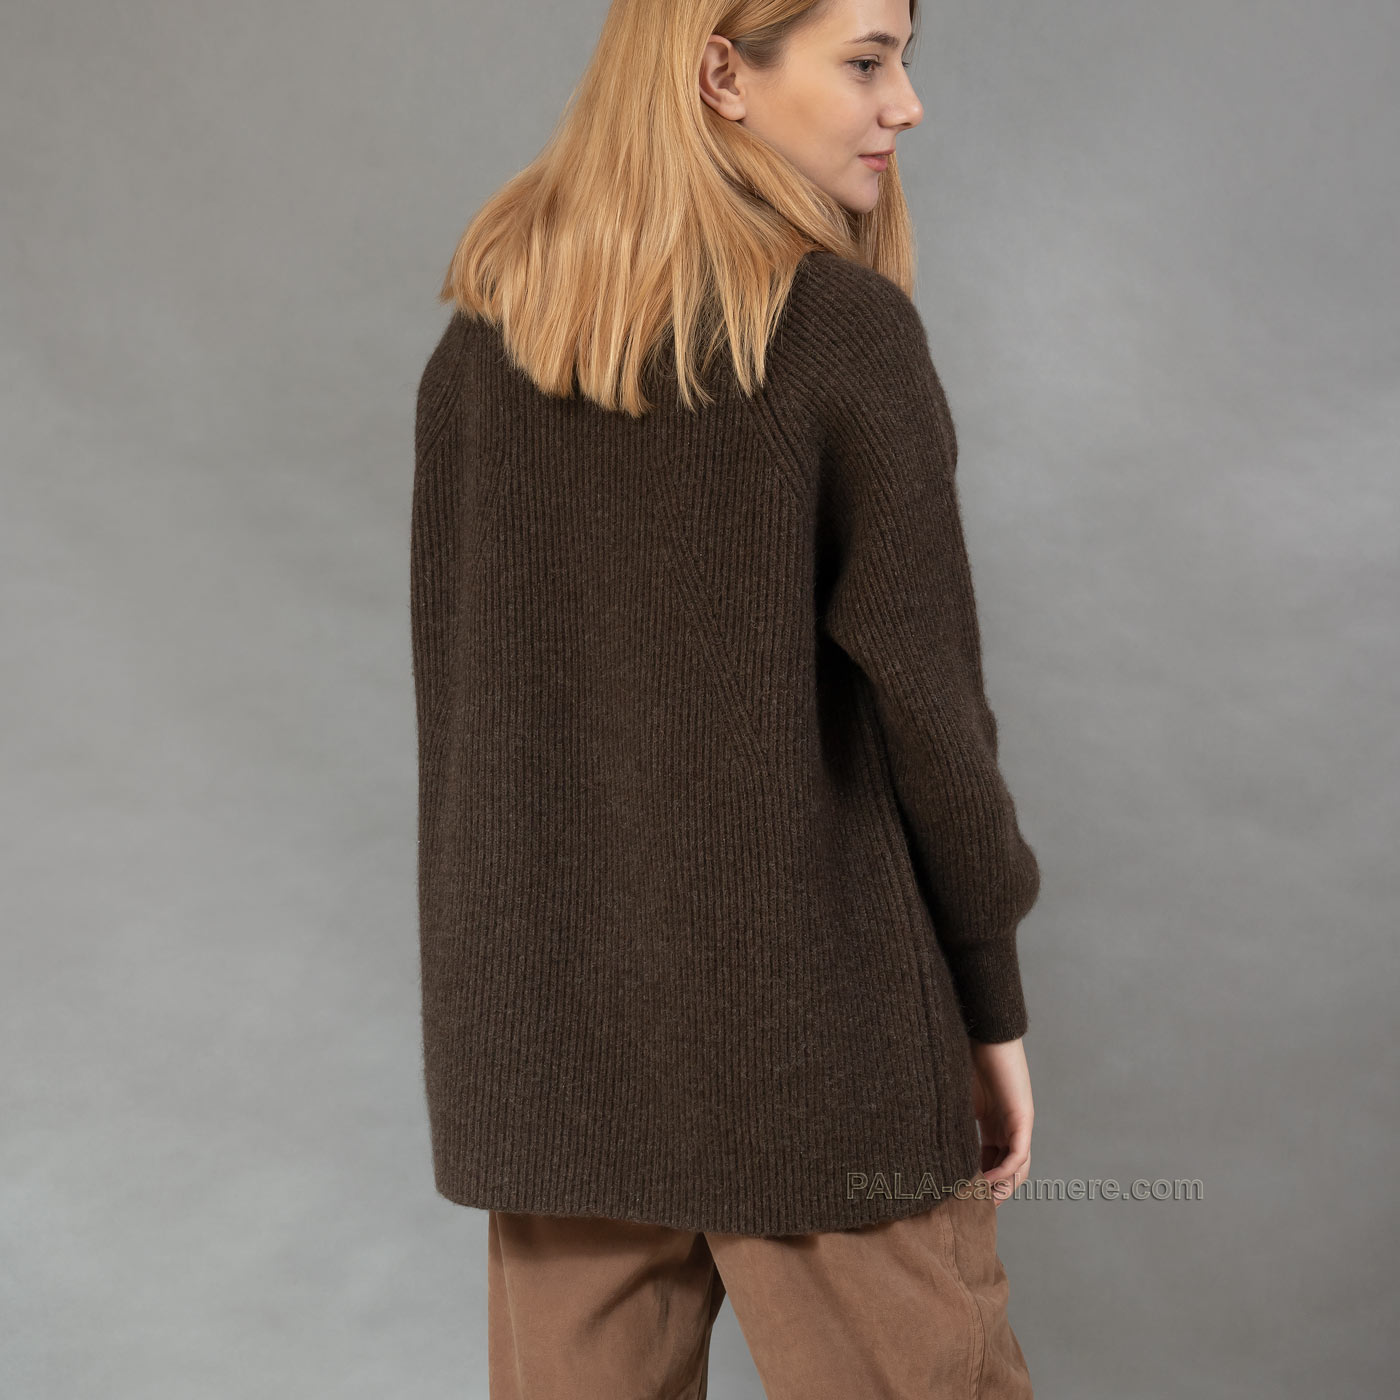 Длинный свитер из шерсти яка